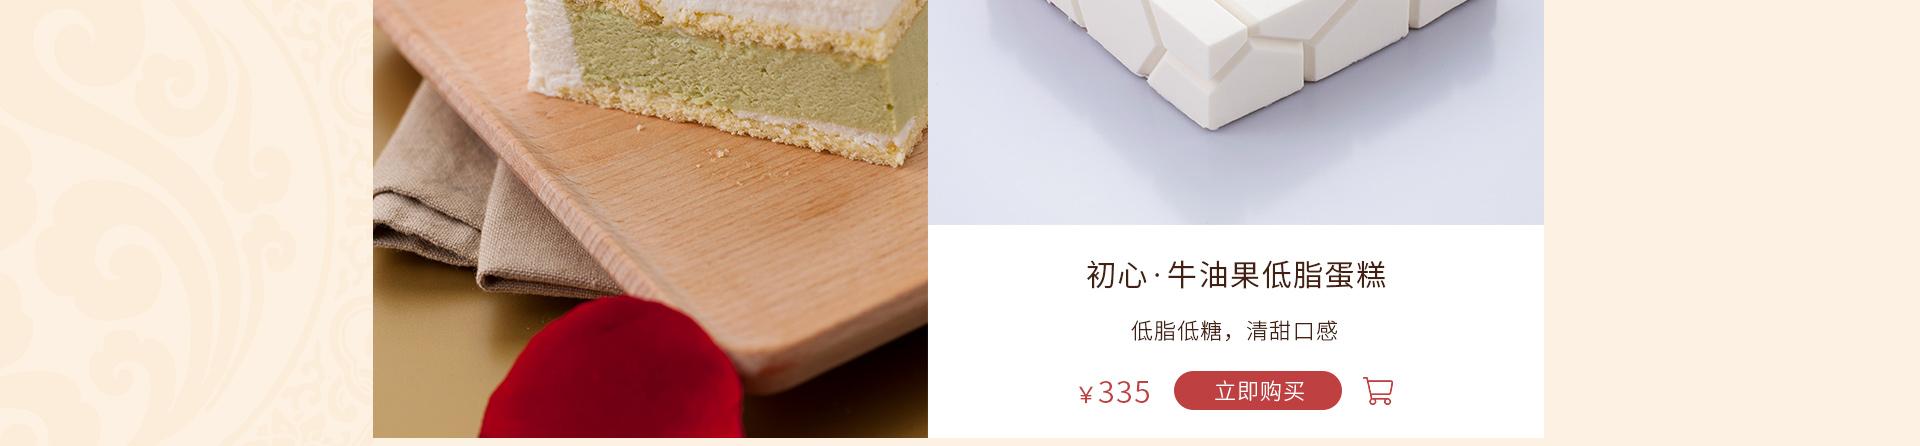 初心|牛油果低脂蛋糕 订购